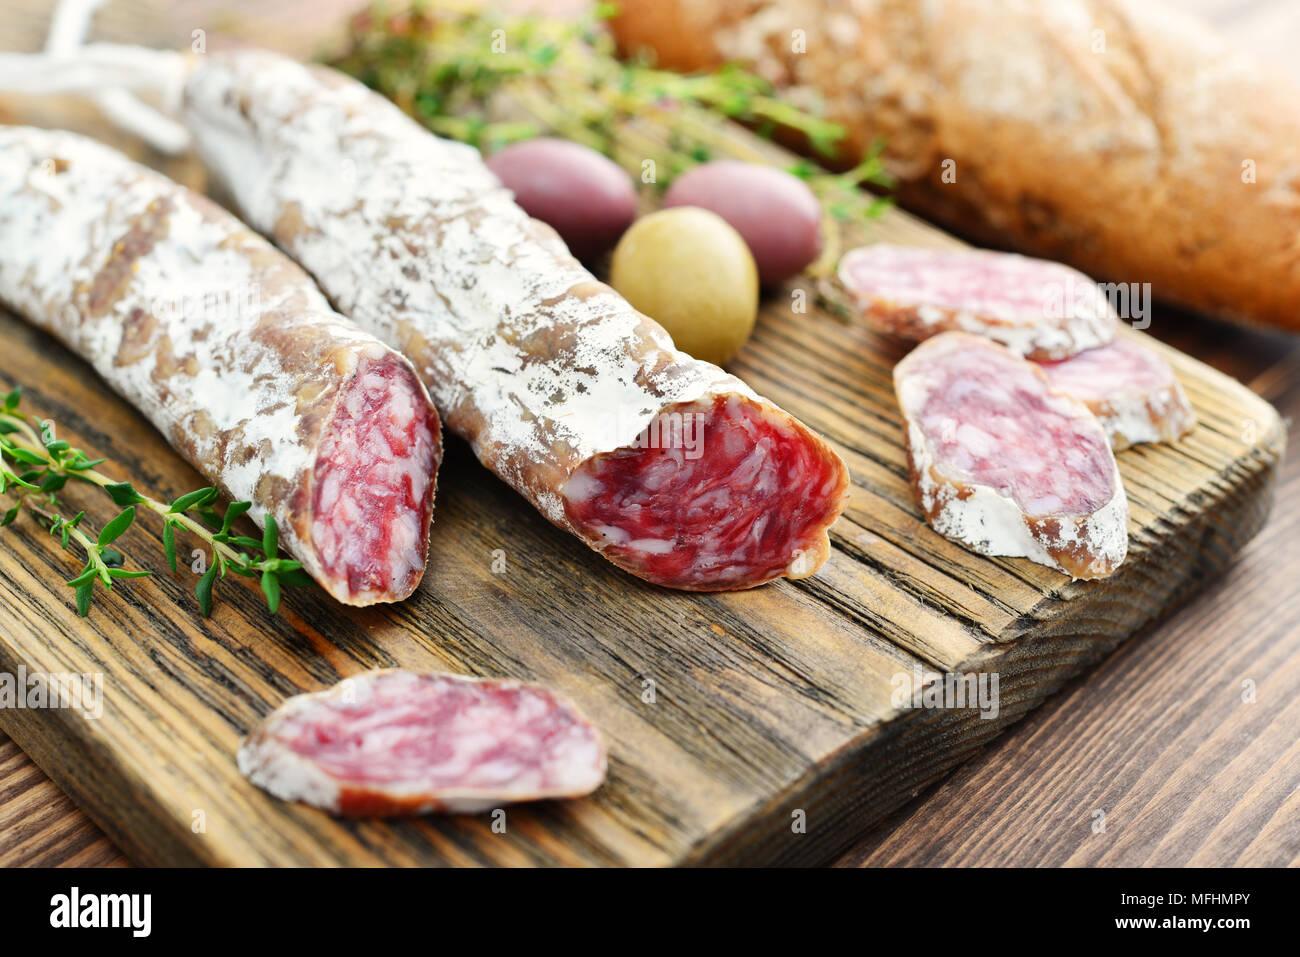 spanisch schimmel salami auf schneidebrett mit oliven und brot ber holz hintergrund stockfoto. Black Bedroom Furniture Sets. Home Design Ideas